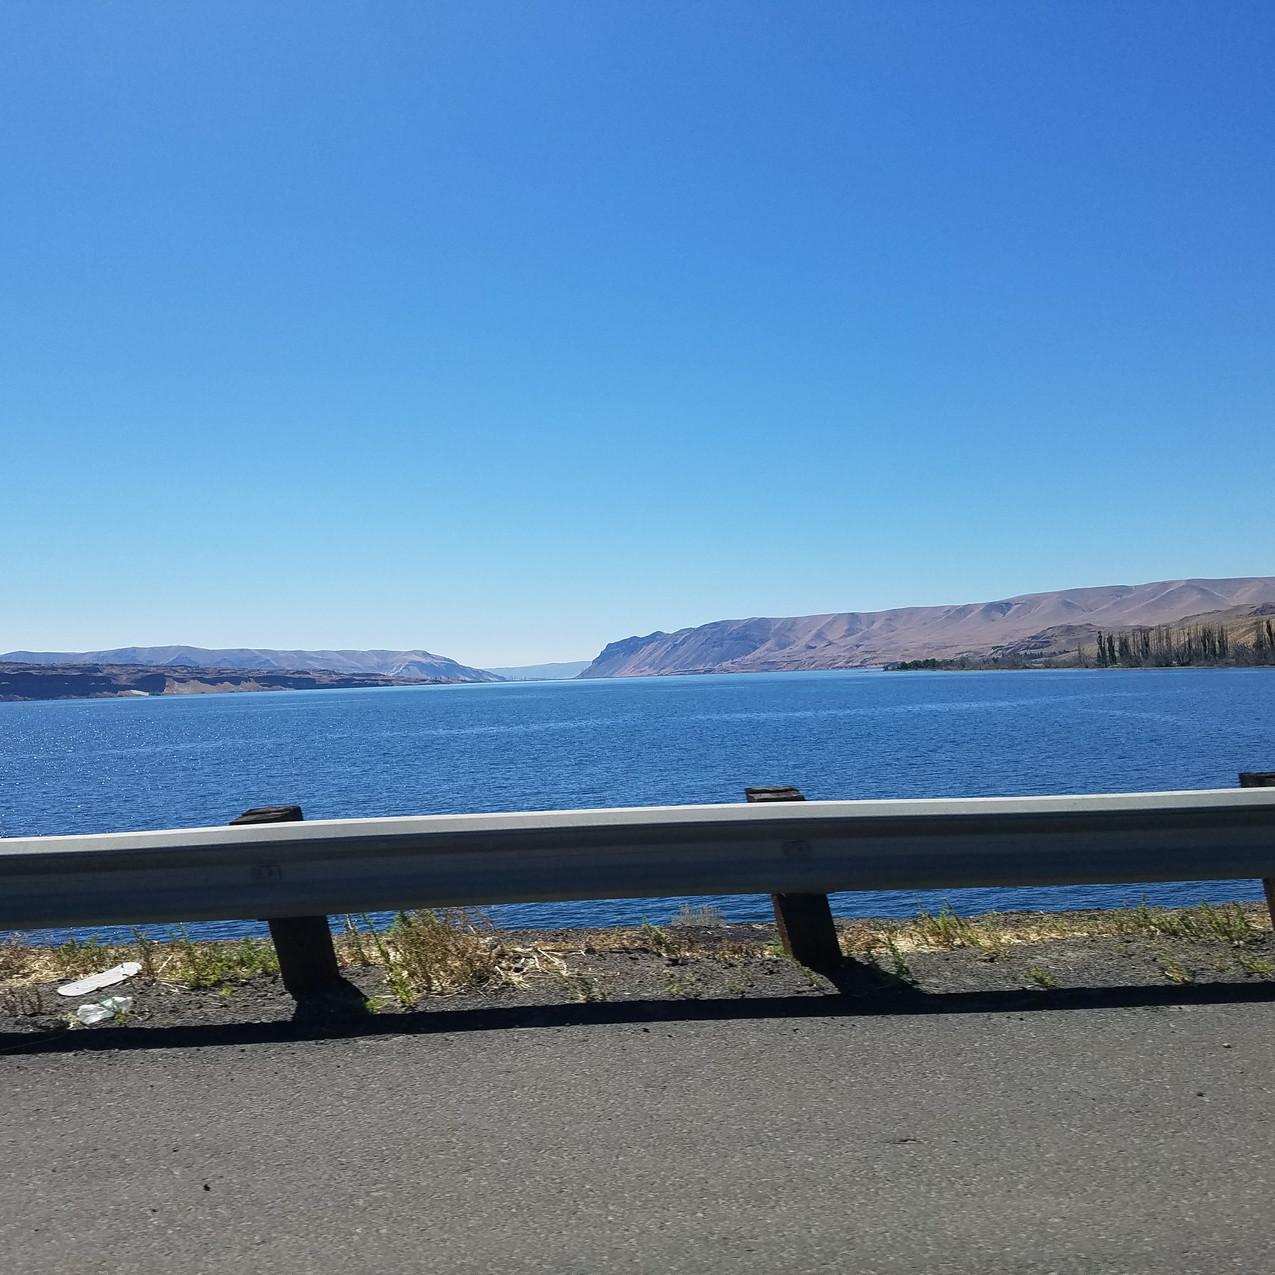 The Columbia River at Vantange, WA